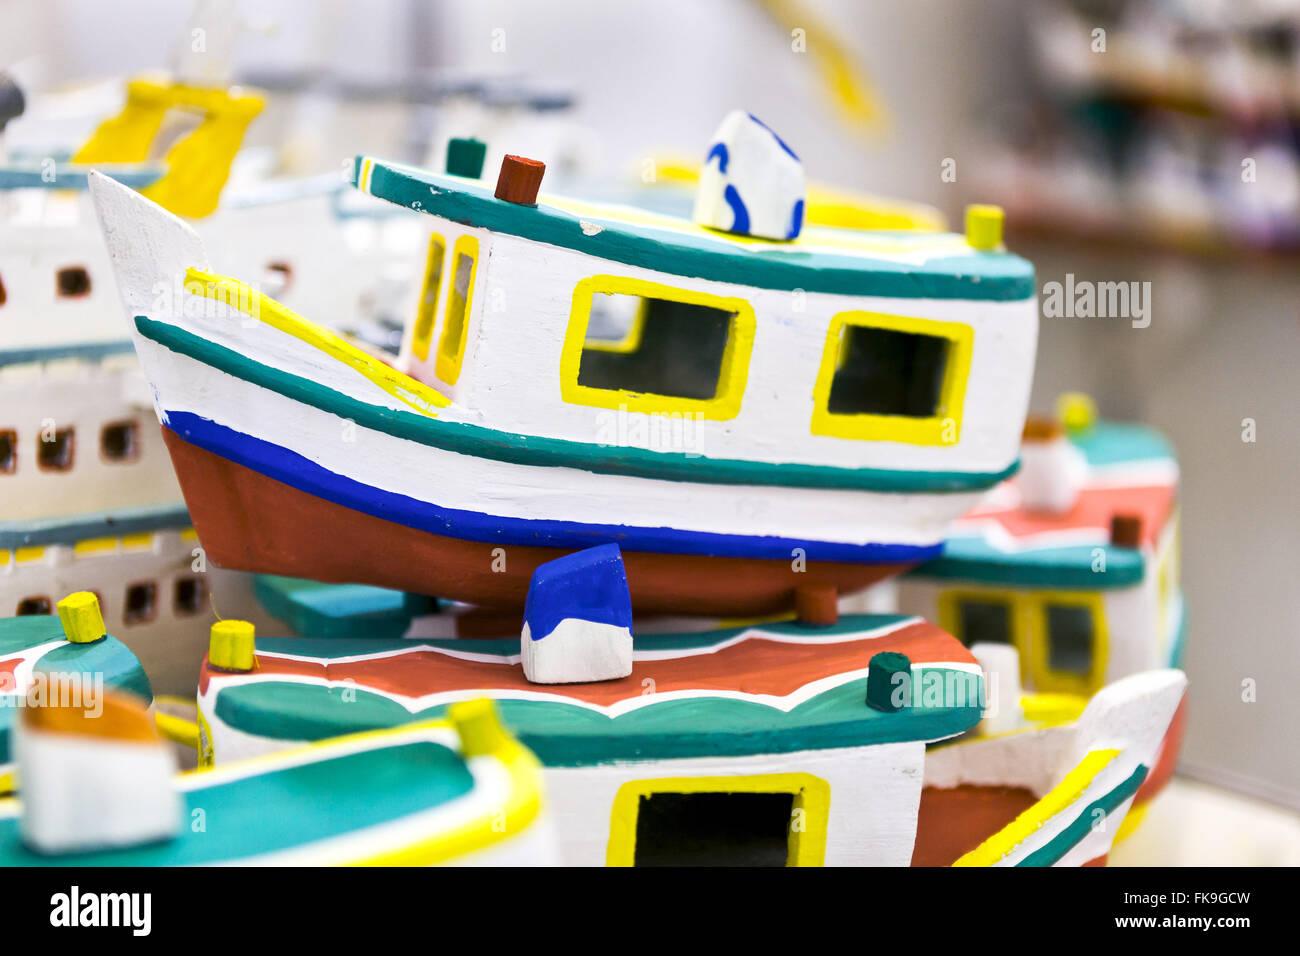 Spielzeug in Buriti - traditionell hergestellt durch die Küstenregion von Abaetetuba Stockbild